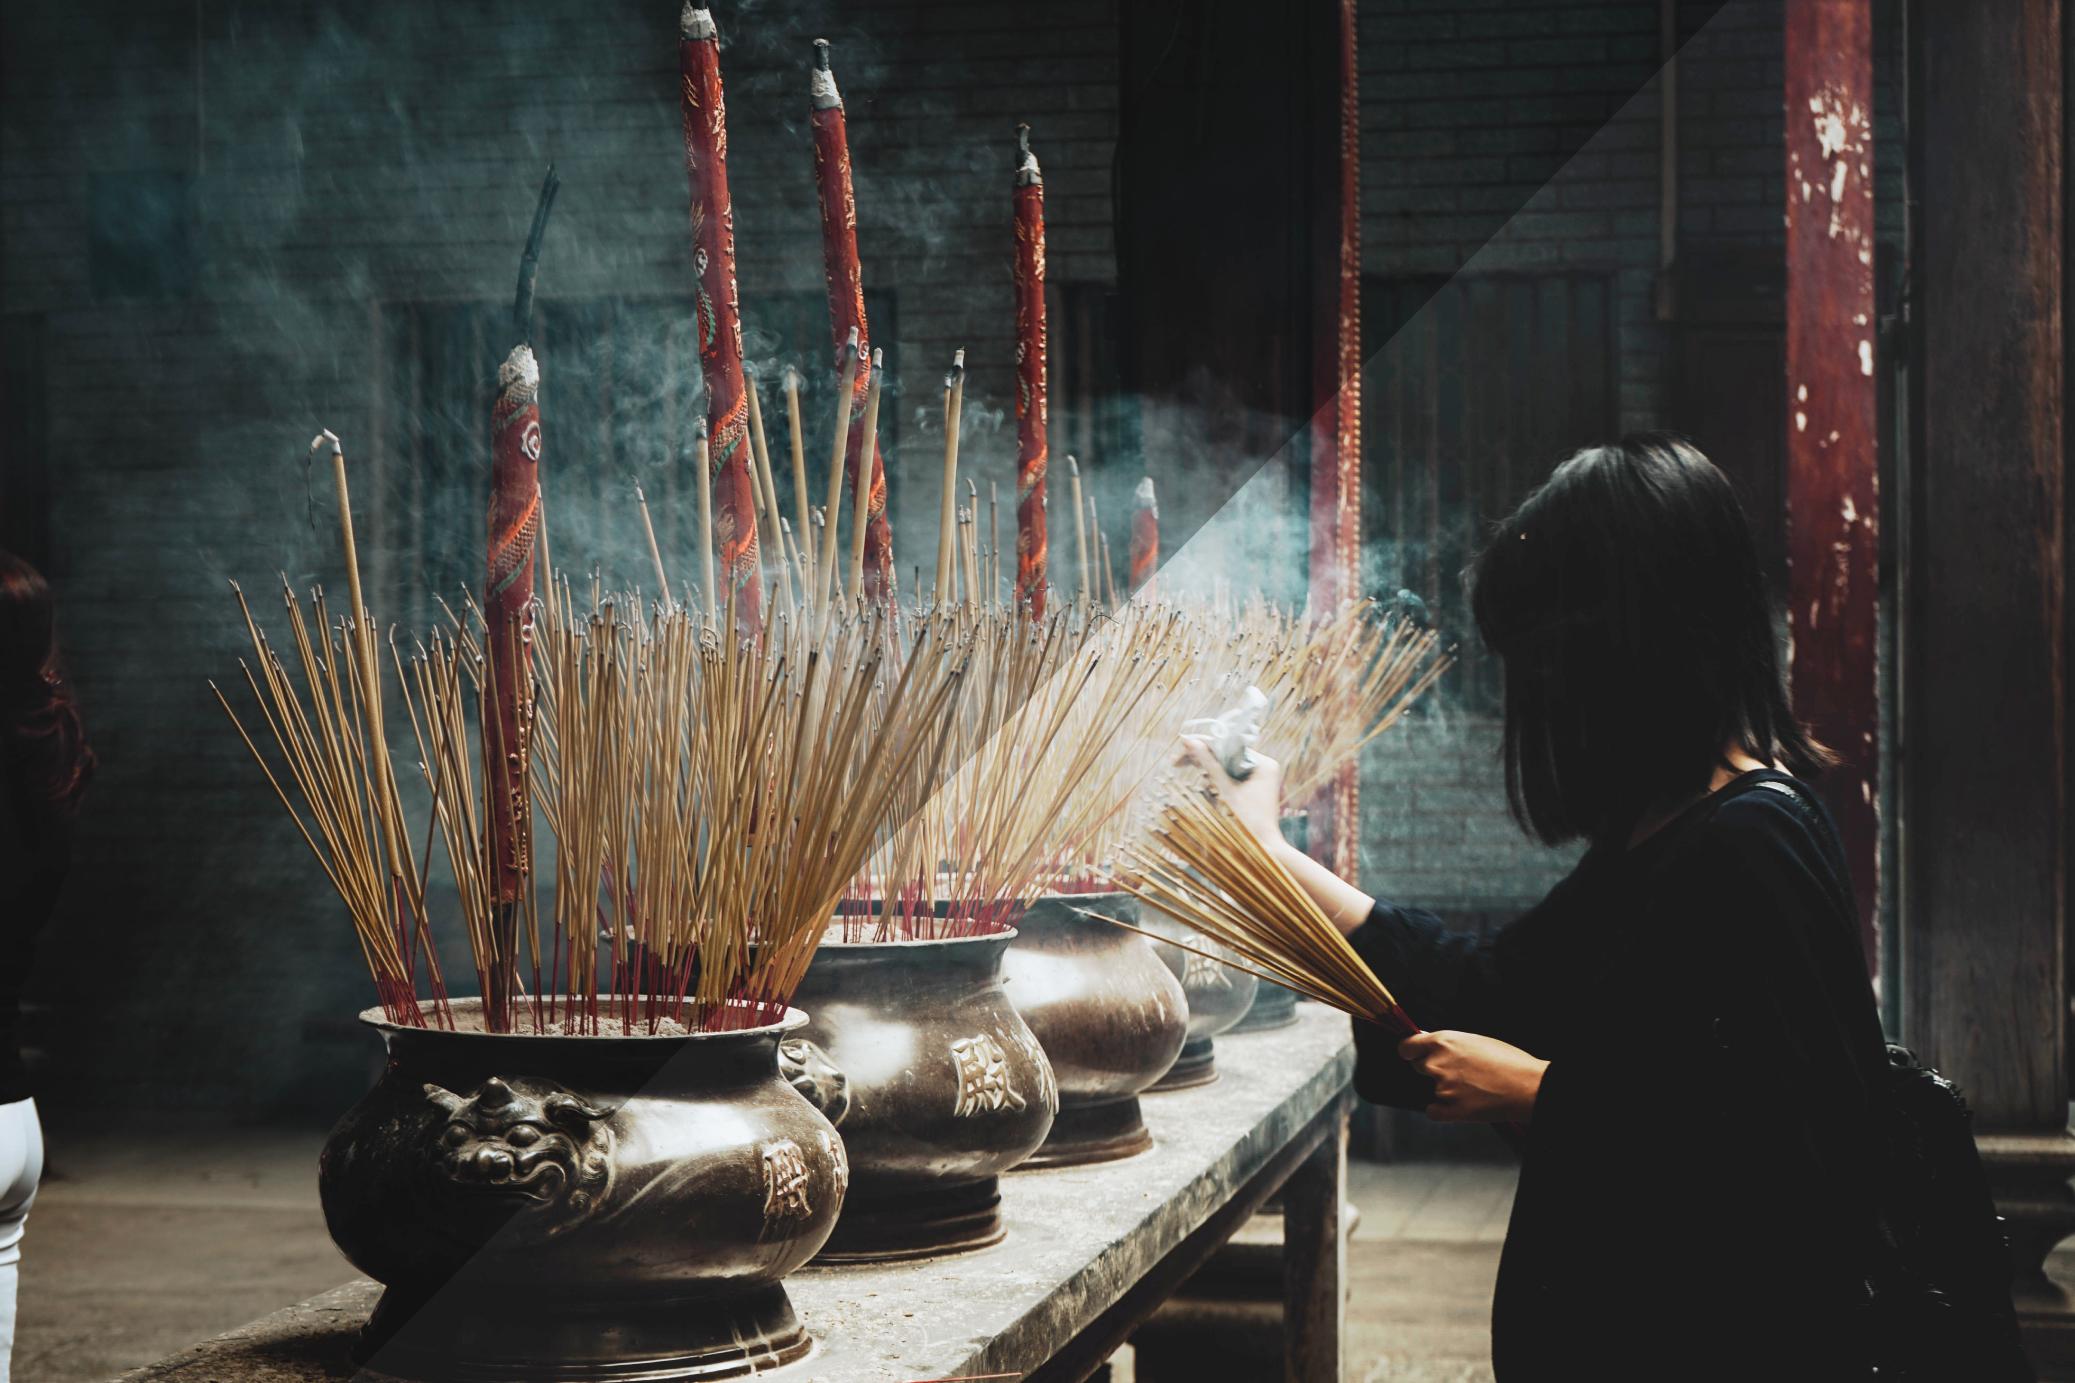 Magisches Ritual in Asien